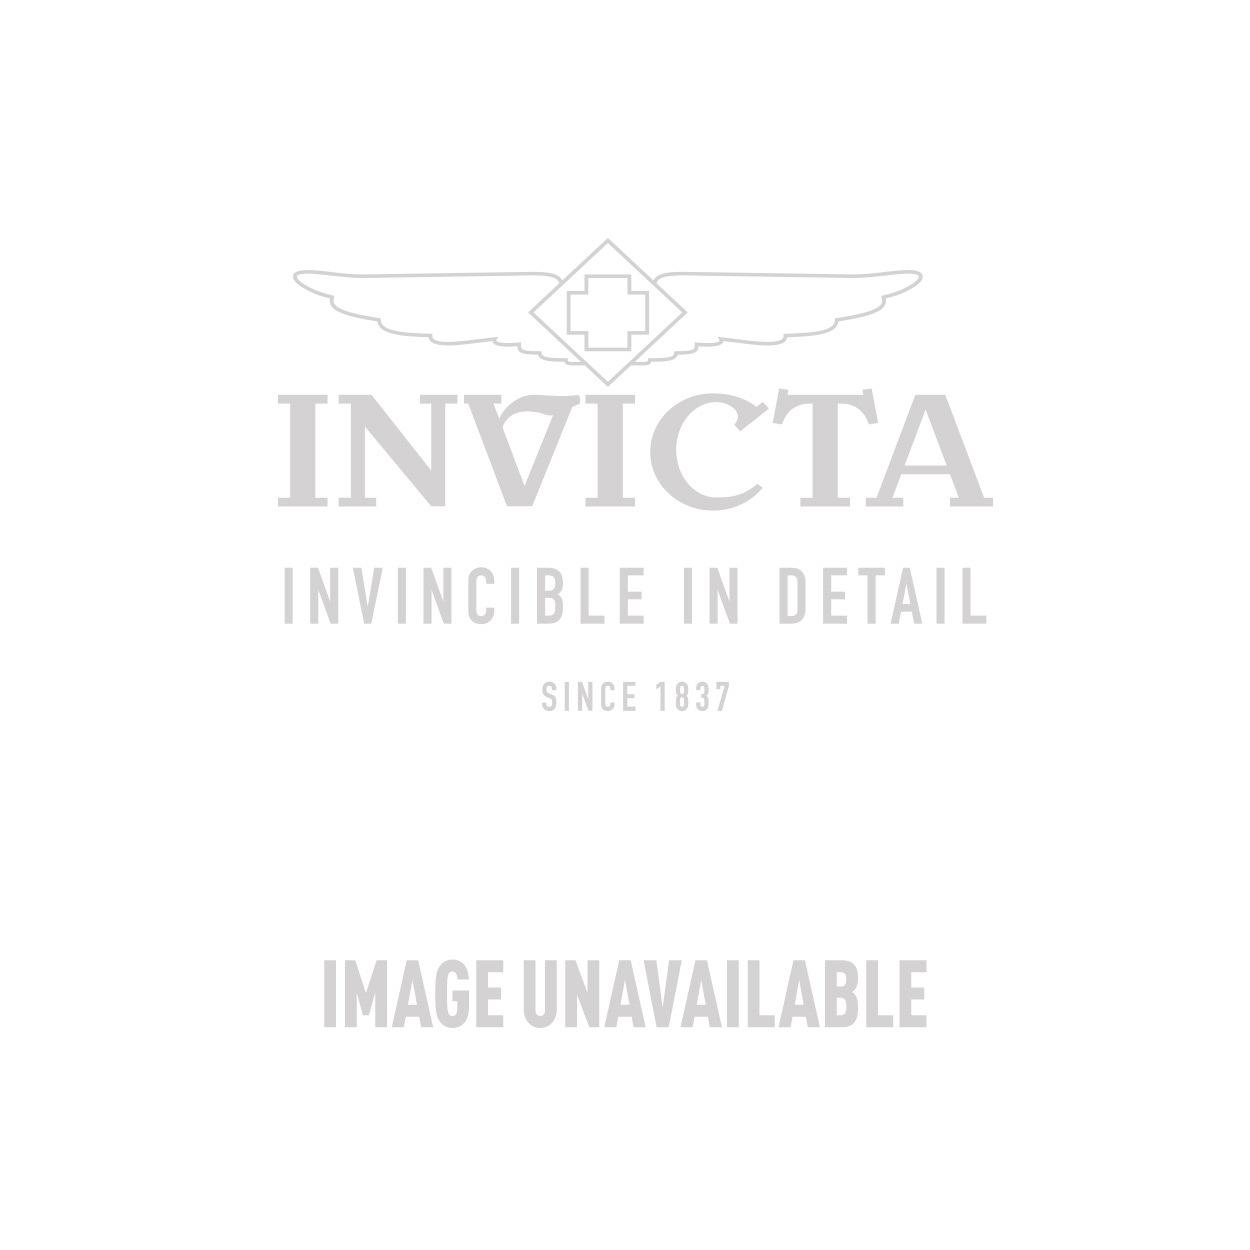 Invicta Model 24285